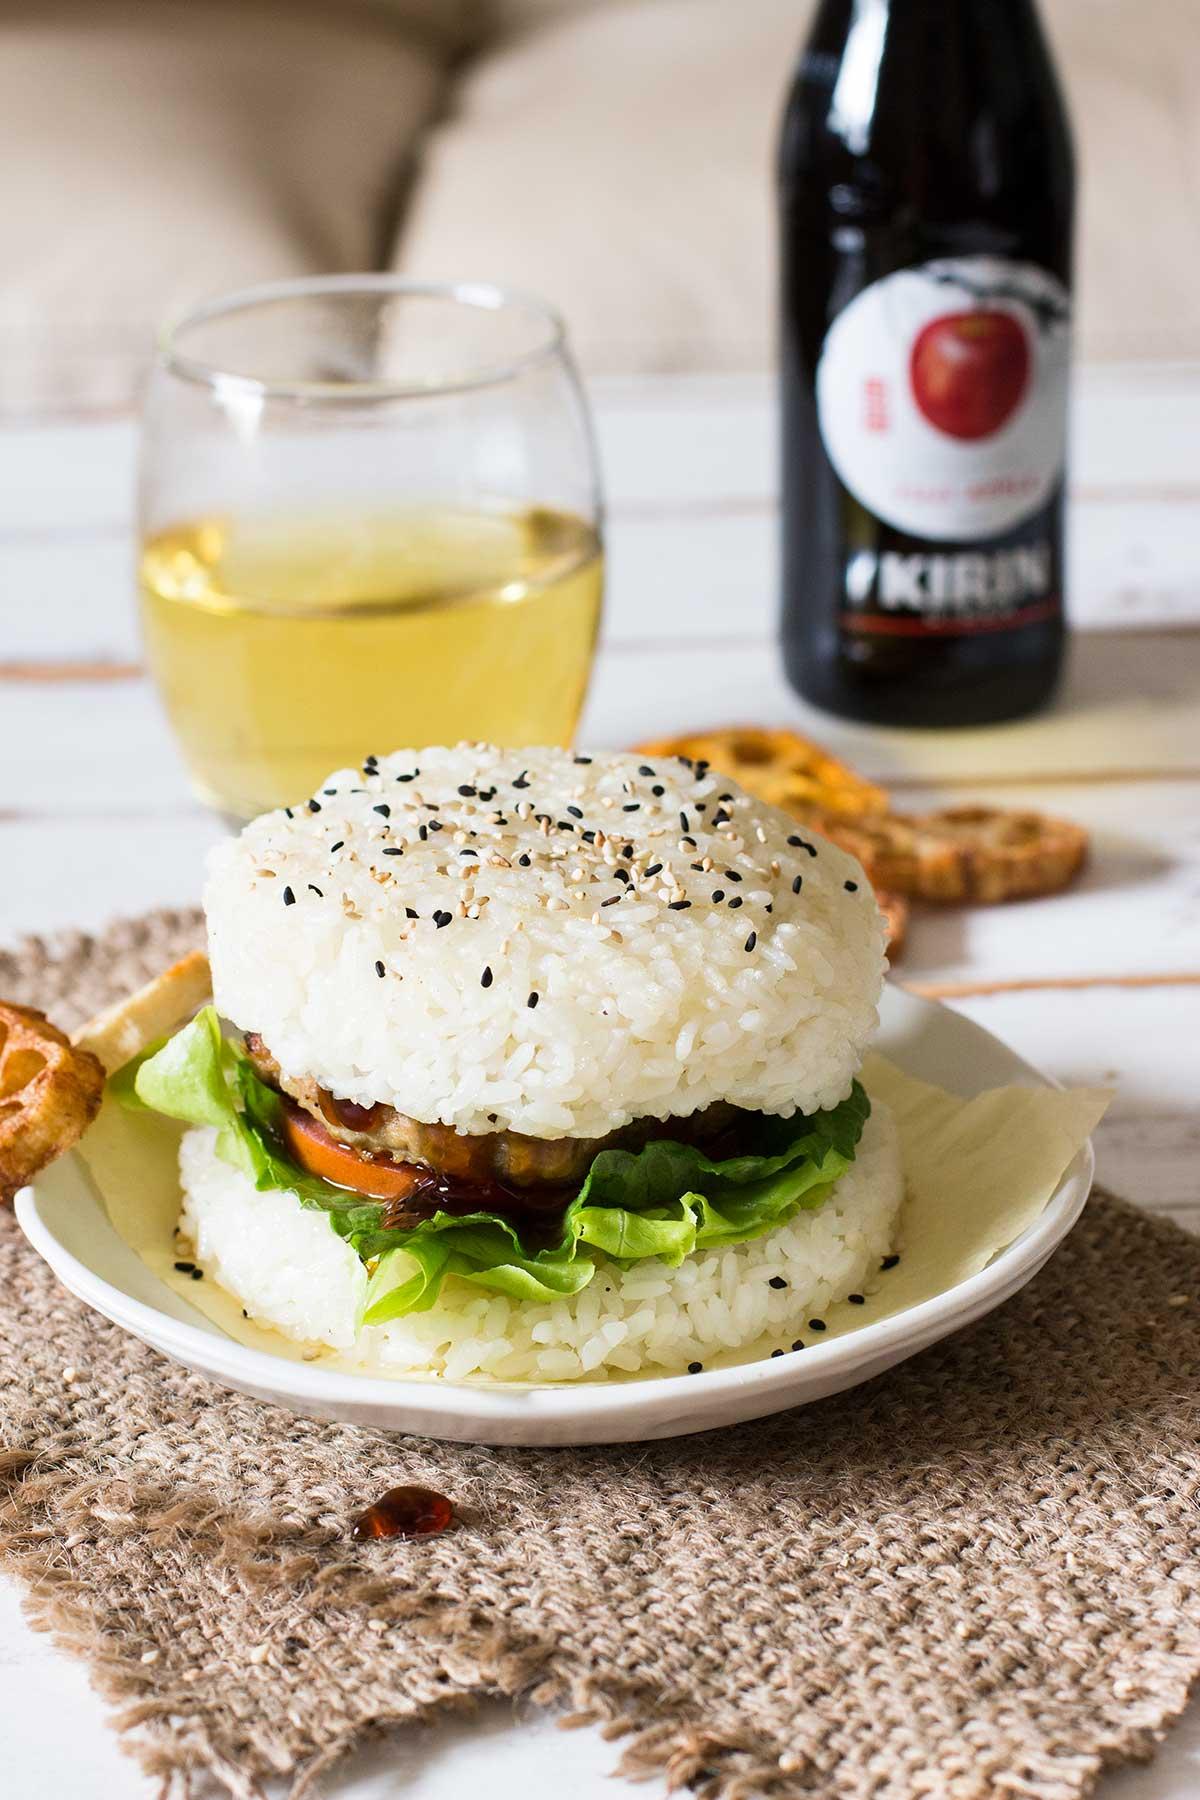 Teriyaki Rice Burger